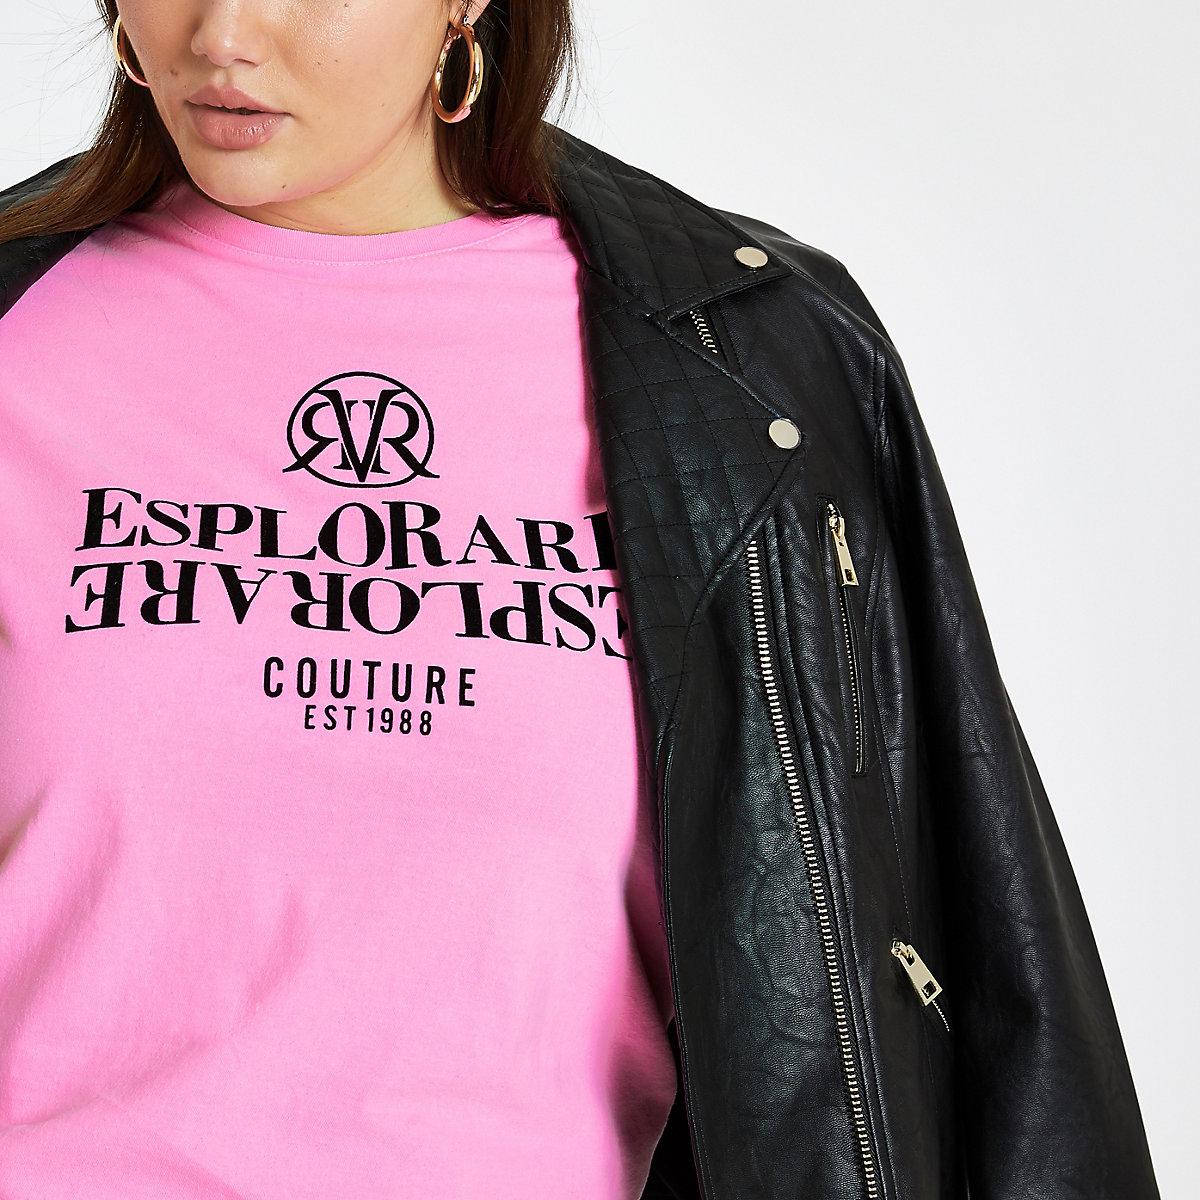 Plus pink 'Esplorare' flock print T-shirt